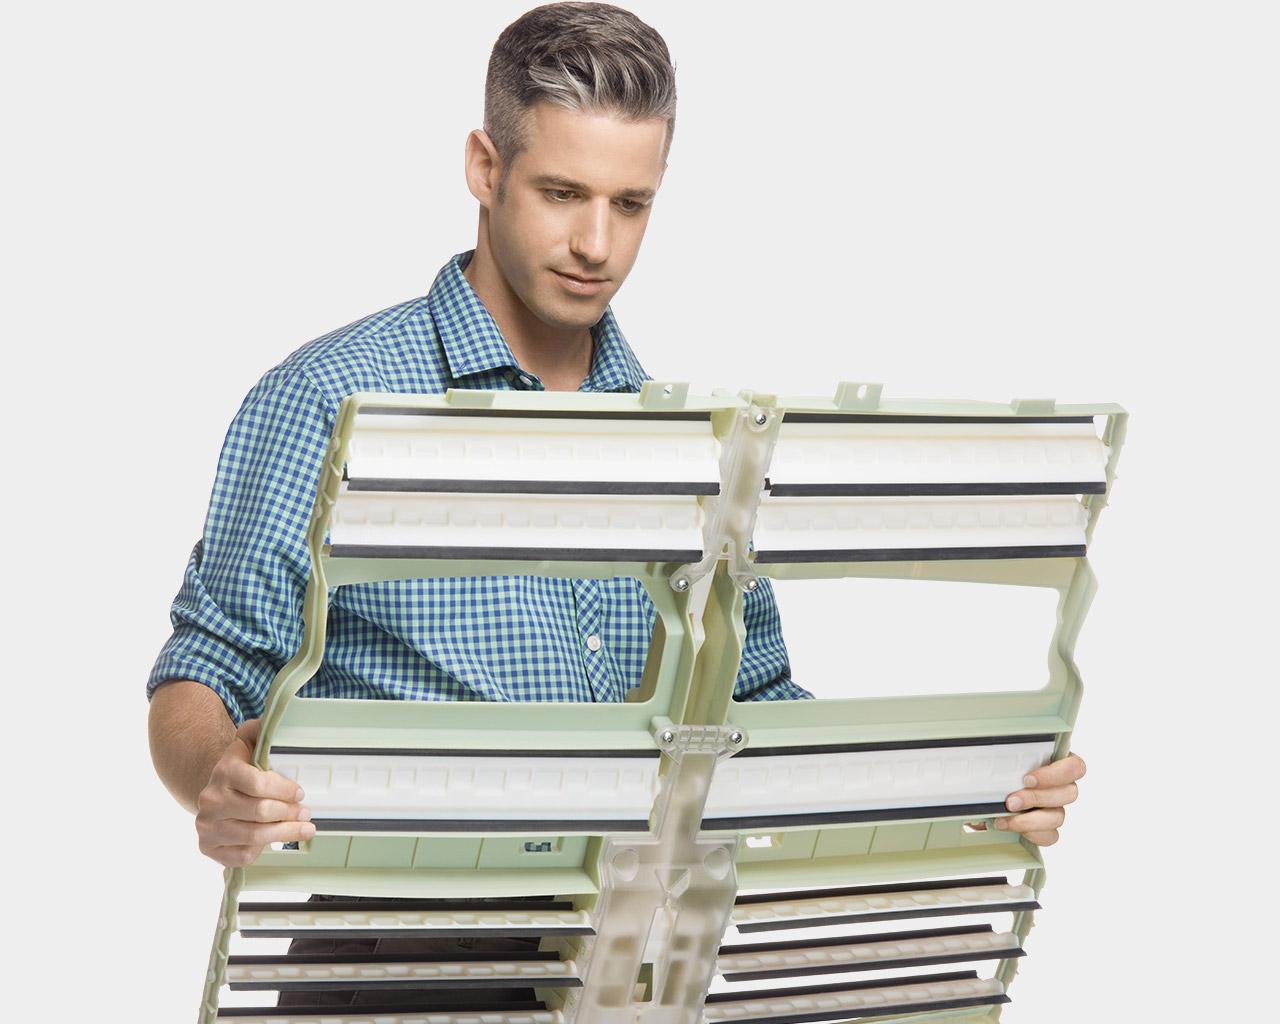 Anwendungen zu dem Objet Großraum Drucker Objet1000.